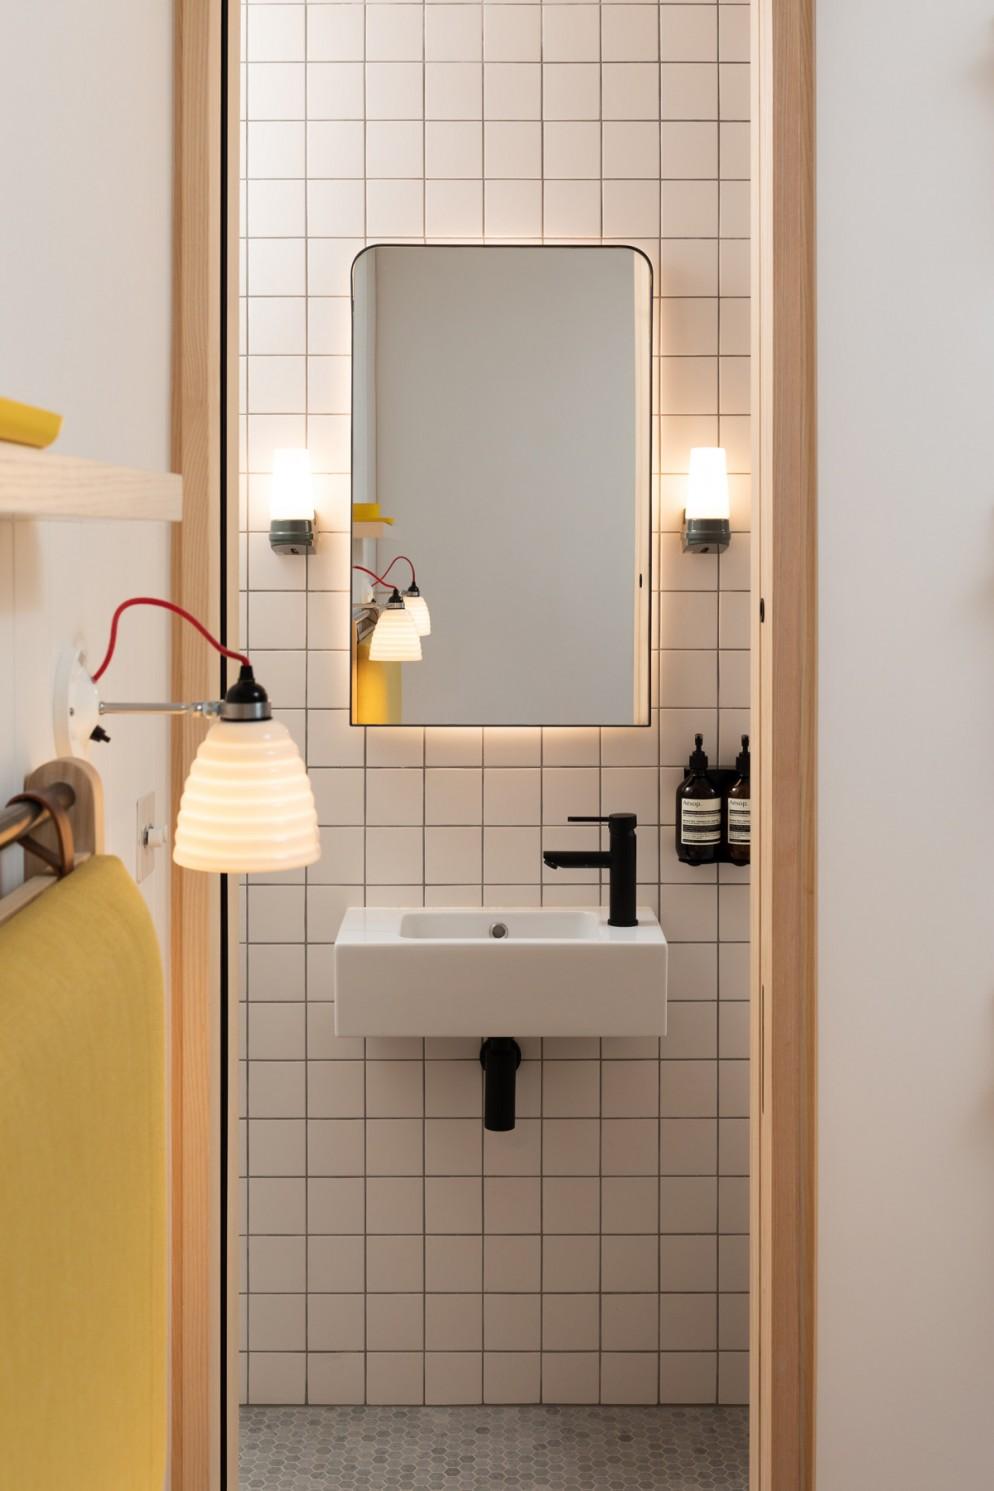 Immagini Di Bagni Piccoli bagno piccolo: 20 idee di arredo per sfruttare uno spazio di